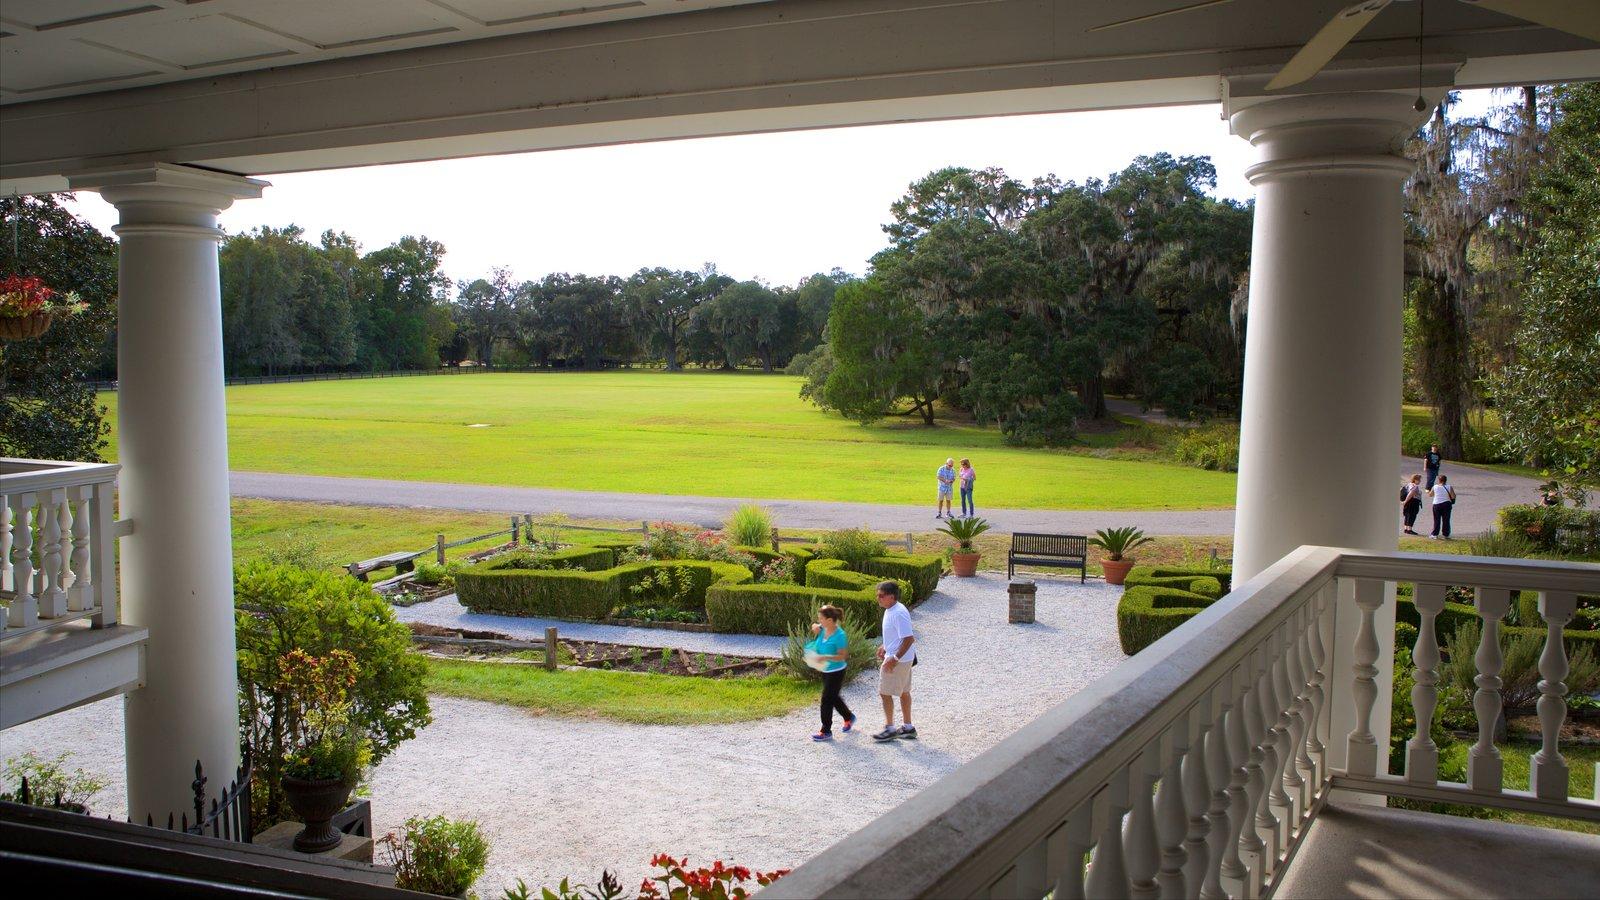 Magnolia Plantation and Gardens mostrando elementos de patrimônio e um jardim assim como um casal